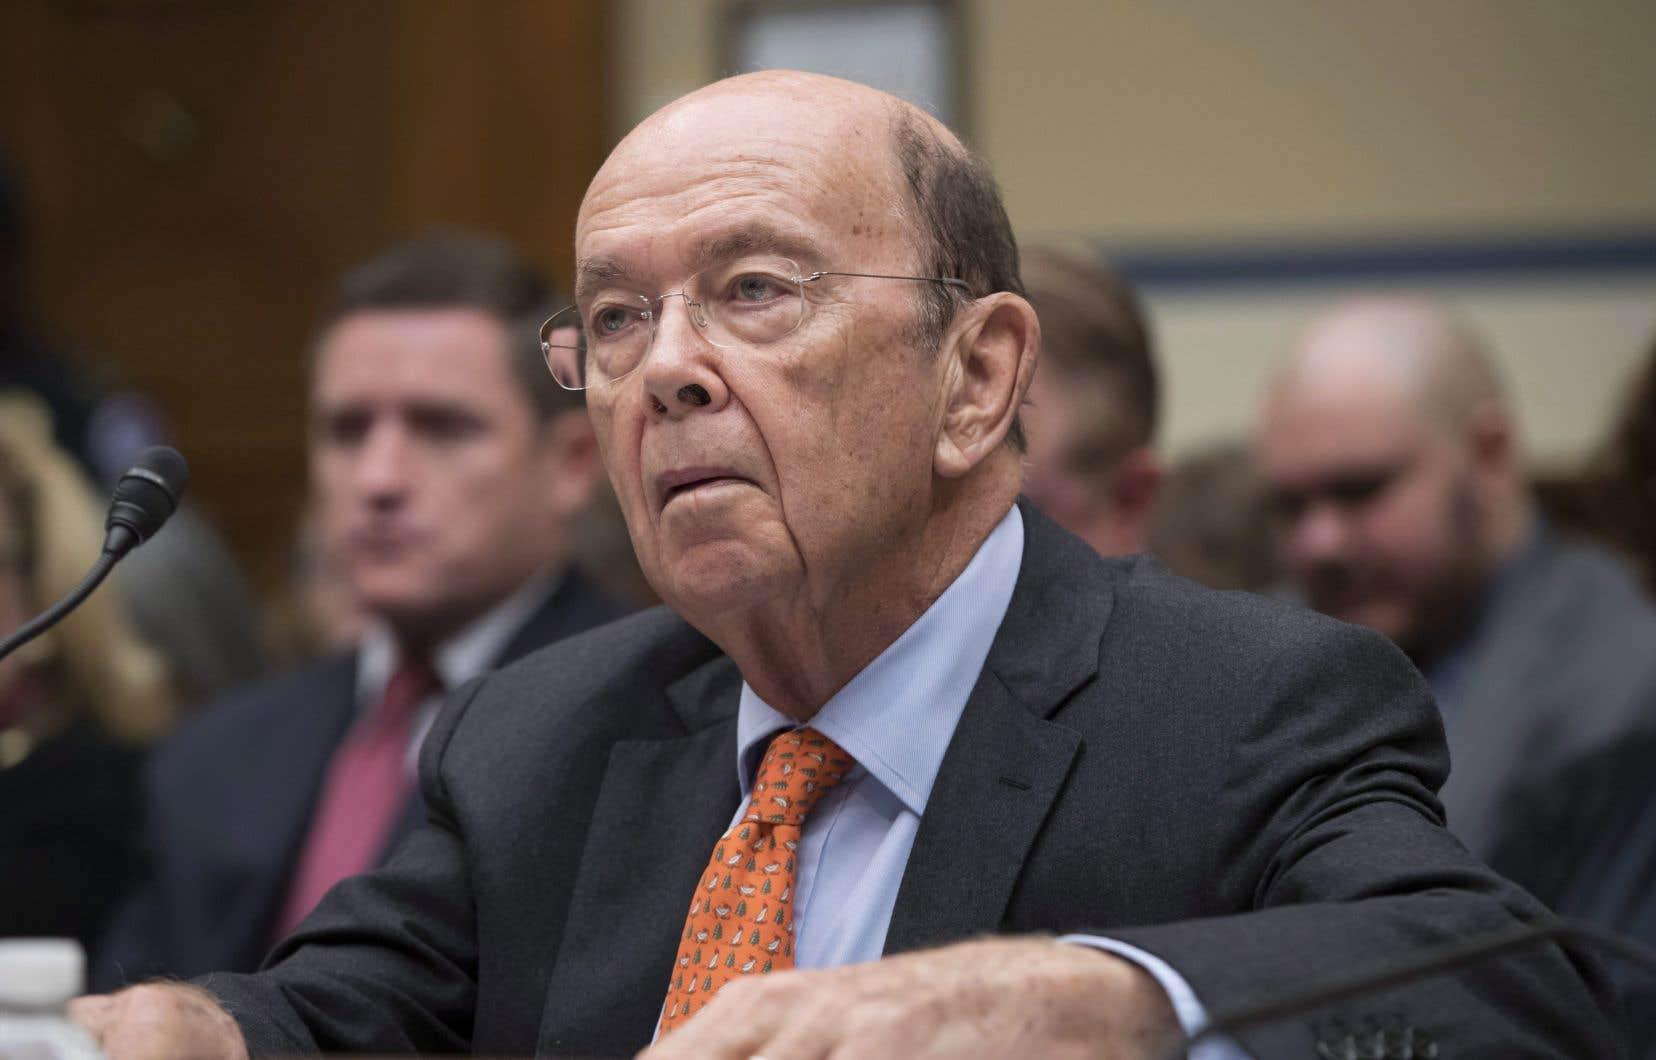 «La décision repose sur une étude intégrale et non biaisée des faits dans le cadre d'un processus ouvert et transparent», a indiqué le secrétaire américain au Commerce, Wilbur Ross.